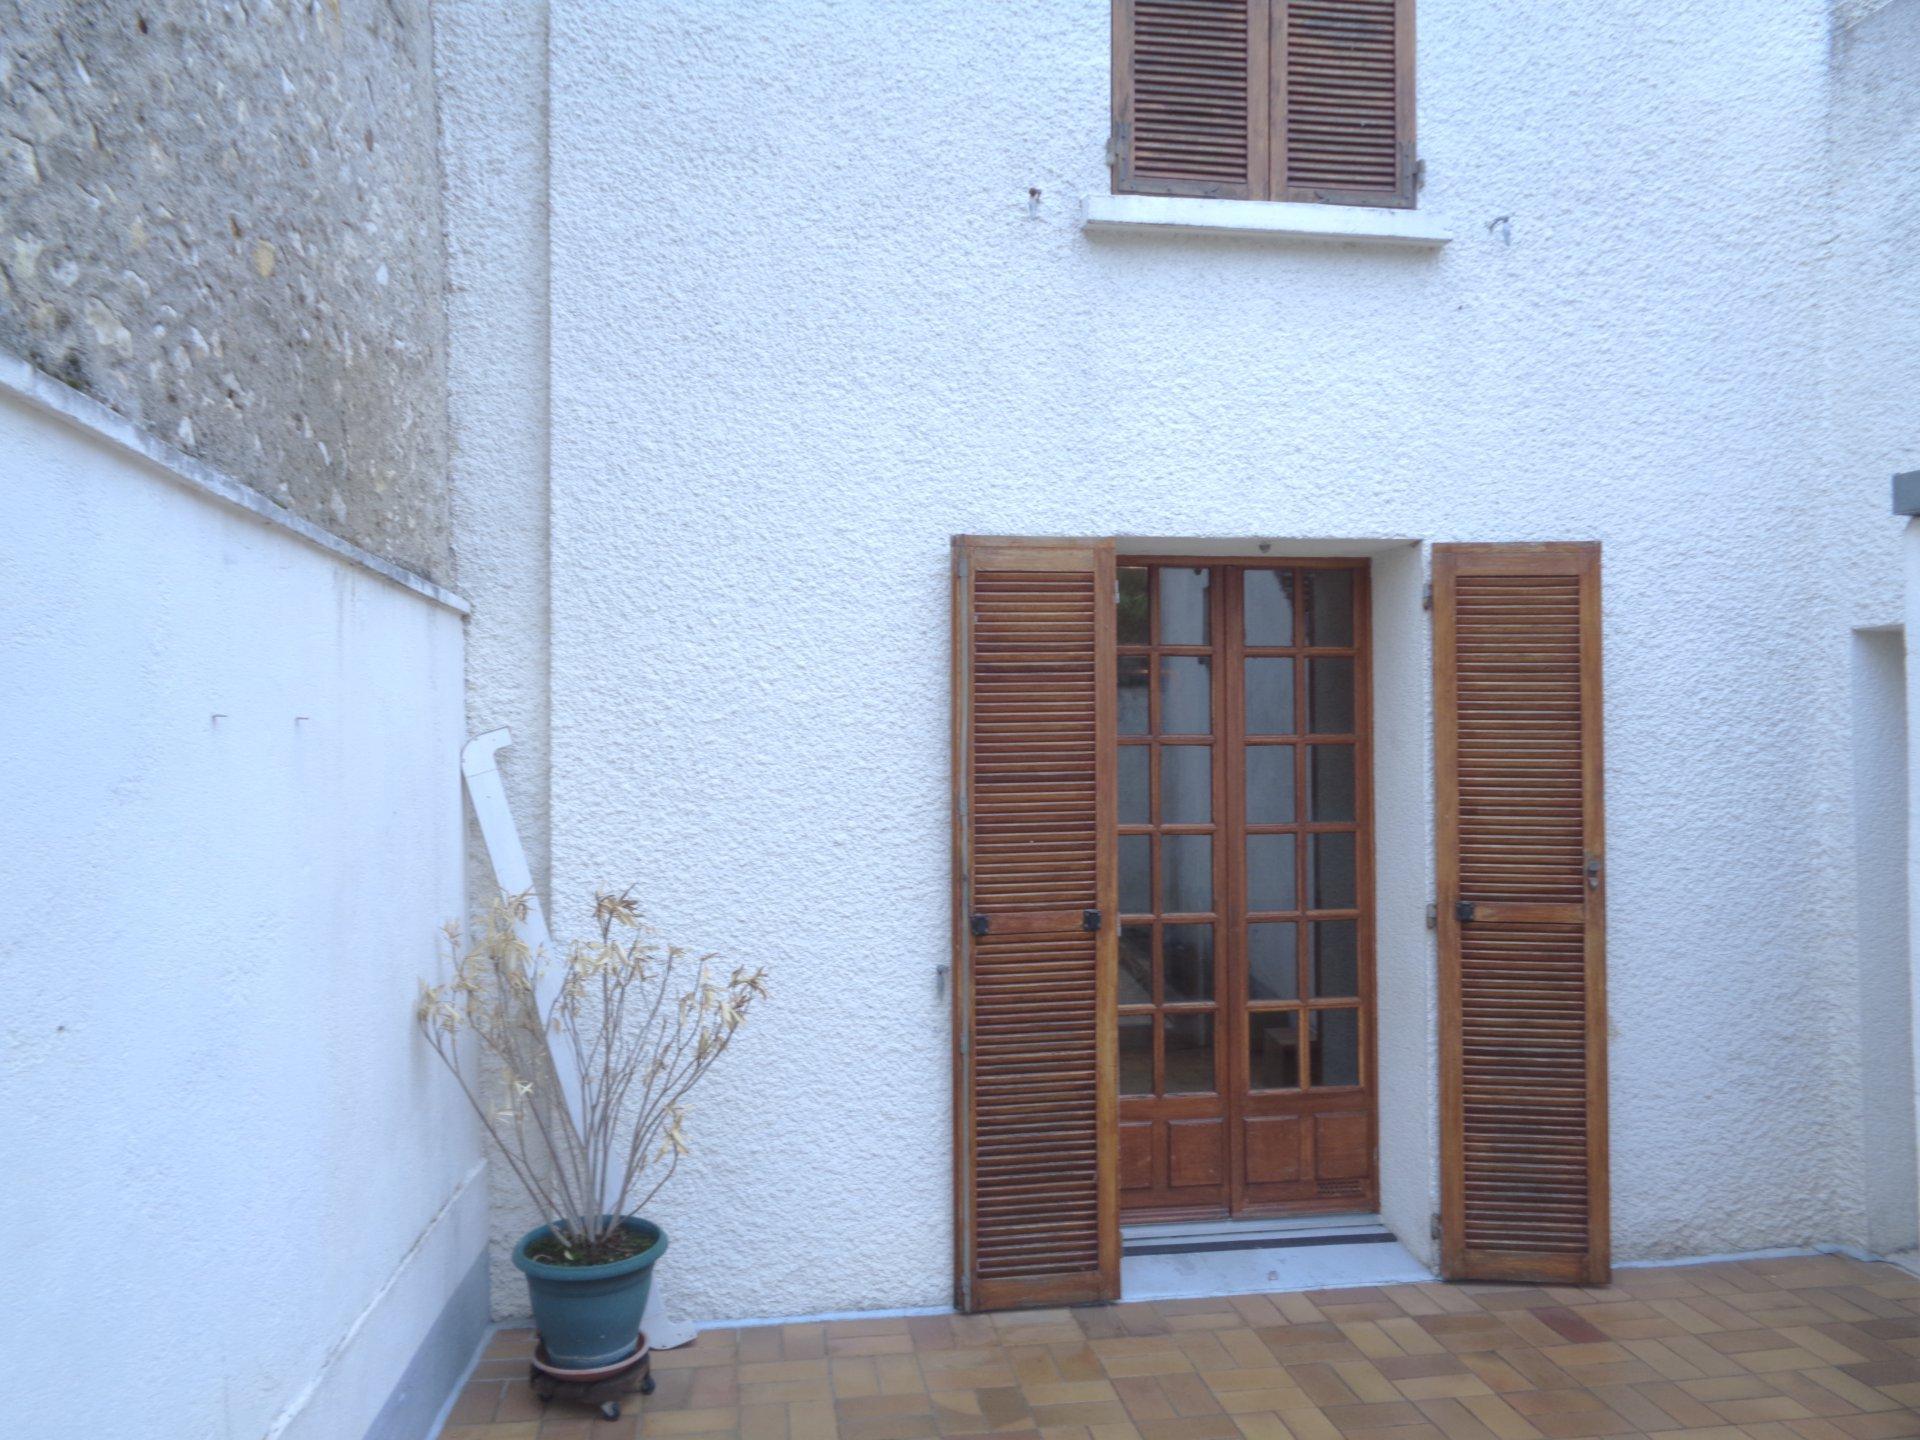 Vente Maison de ville - La Ferte Alais